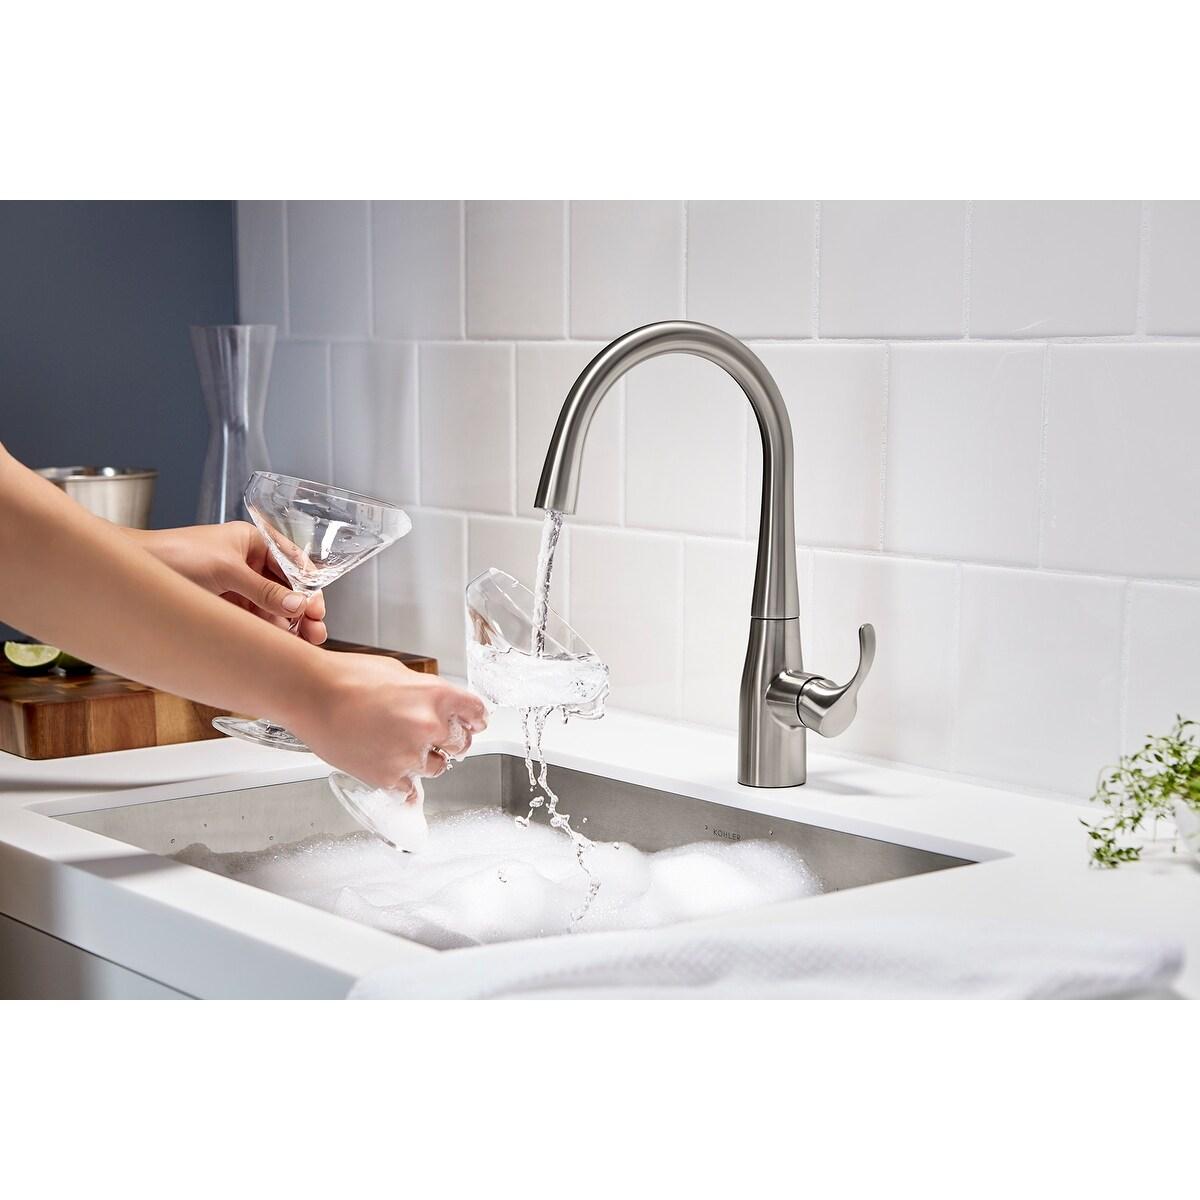 Kohler K-22034-BL Bar Faucet